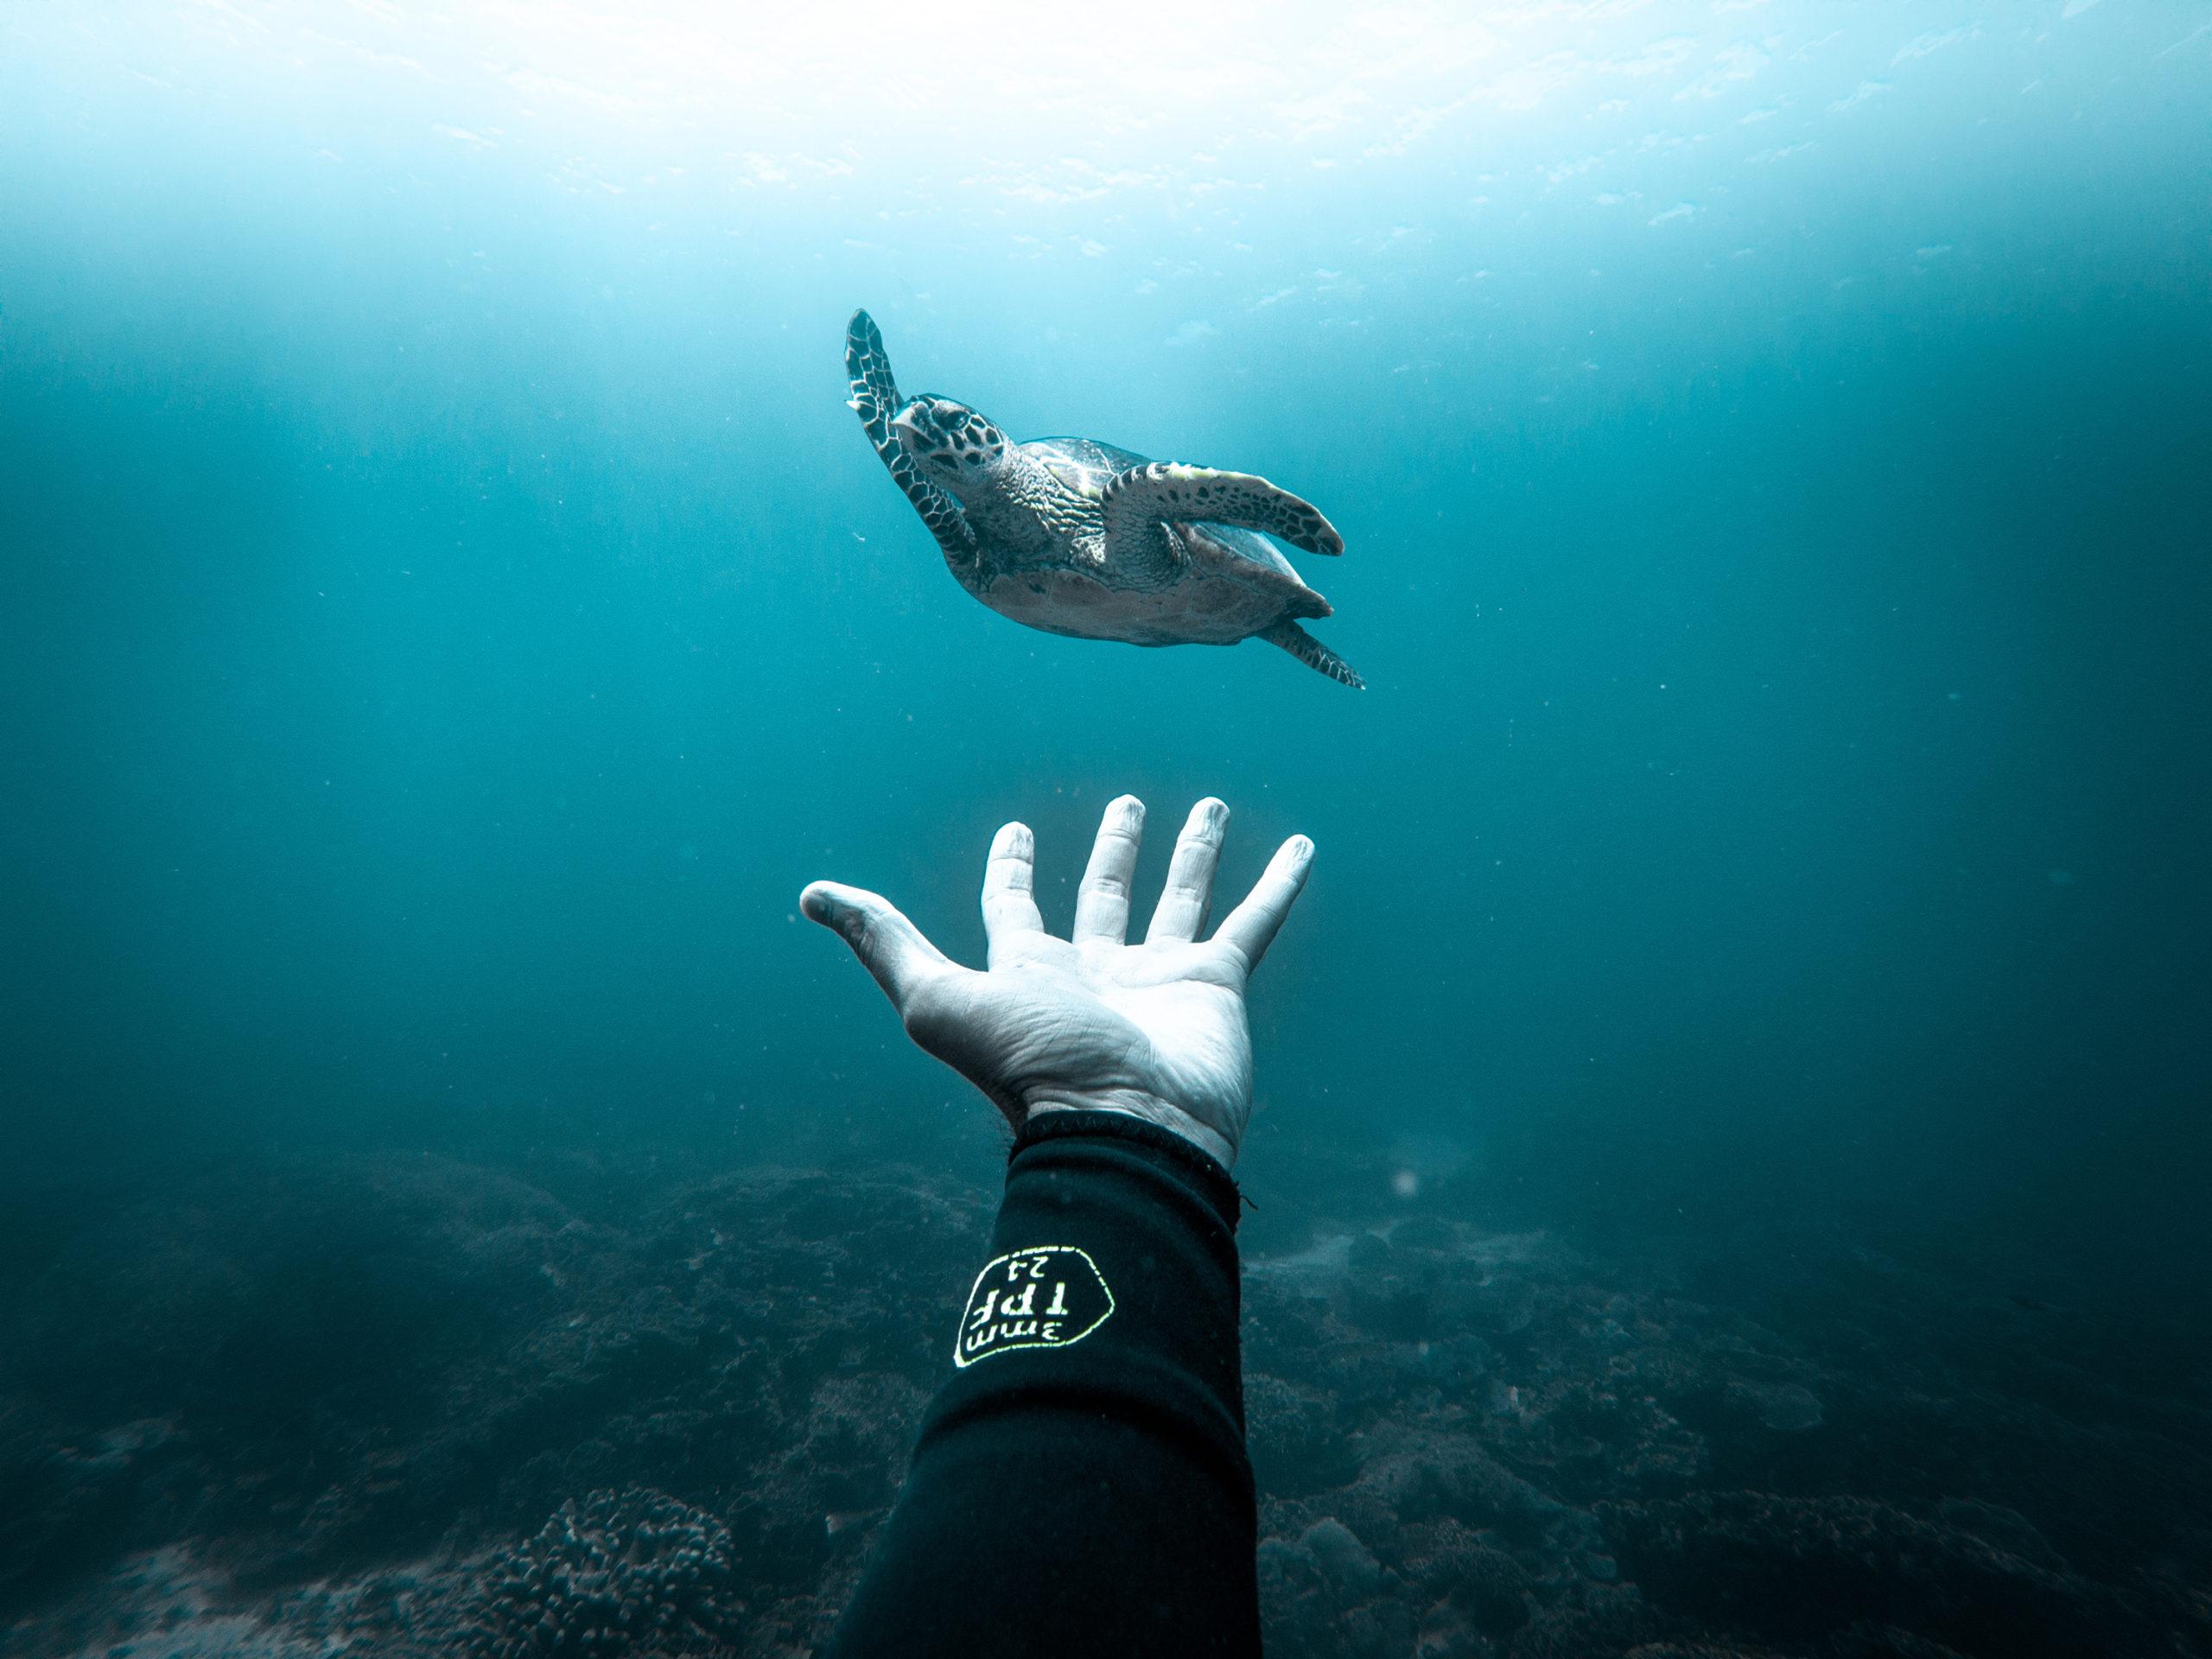 Ocean Film Festival Italia 2020: fino al 12 dicembre tutti i segreti del mare direttamente a casa